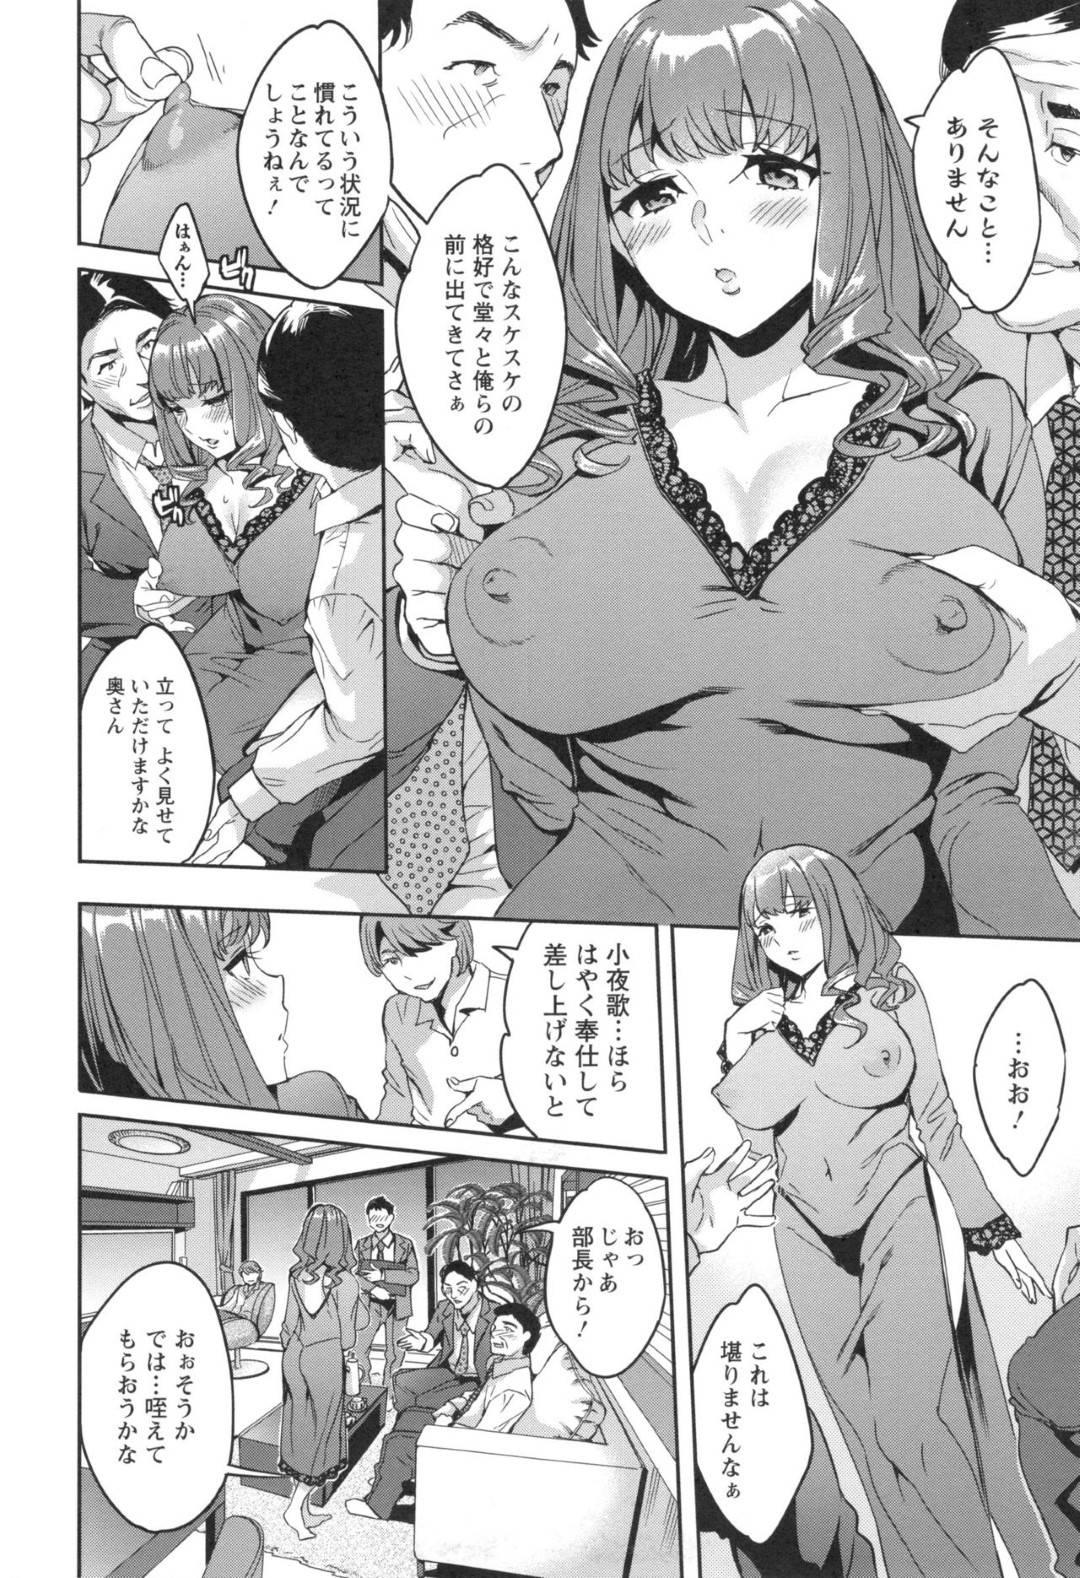 【エロ漫画】旦那の前で知らない男たちと乱交セックスすることになった人妻OL。囲まれた彼女は次々とフェラしたり挿入されたりしてご奉仕する。